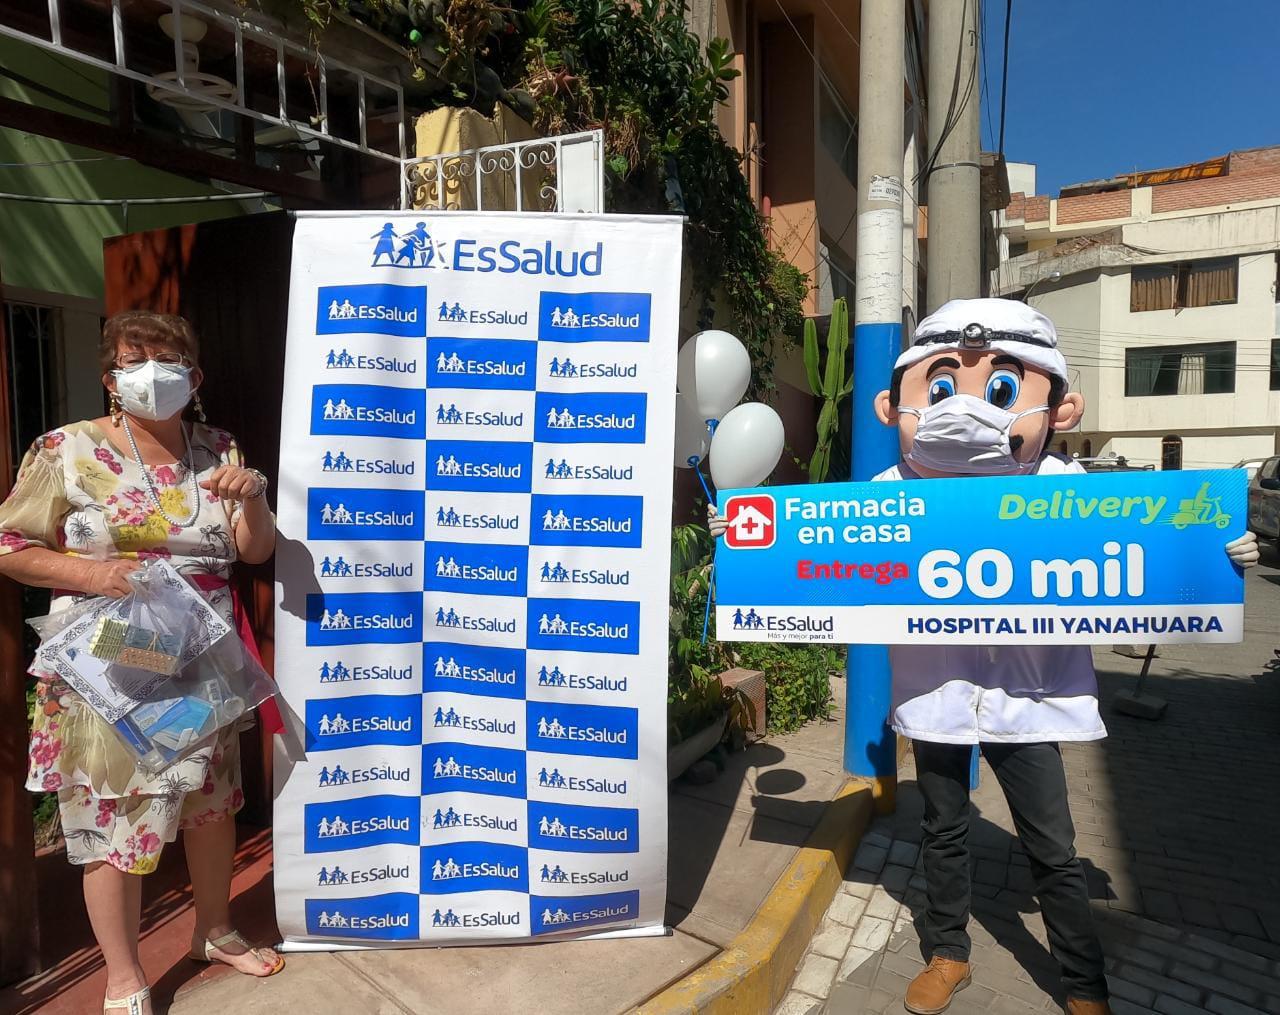 Essalud - EsSalud Arequipa realizó servicio de delivery de medicamentos a 60 mil asegurados adultos mayores y con enfermedades crónicas